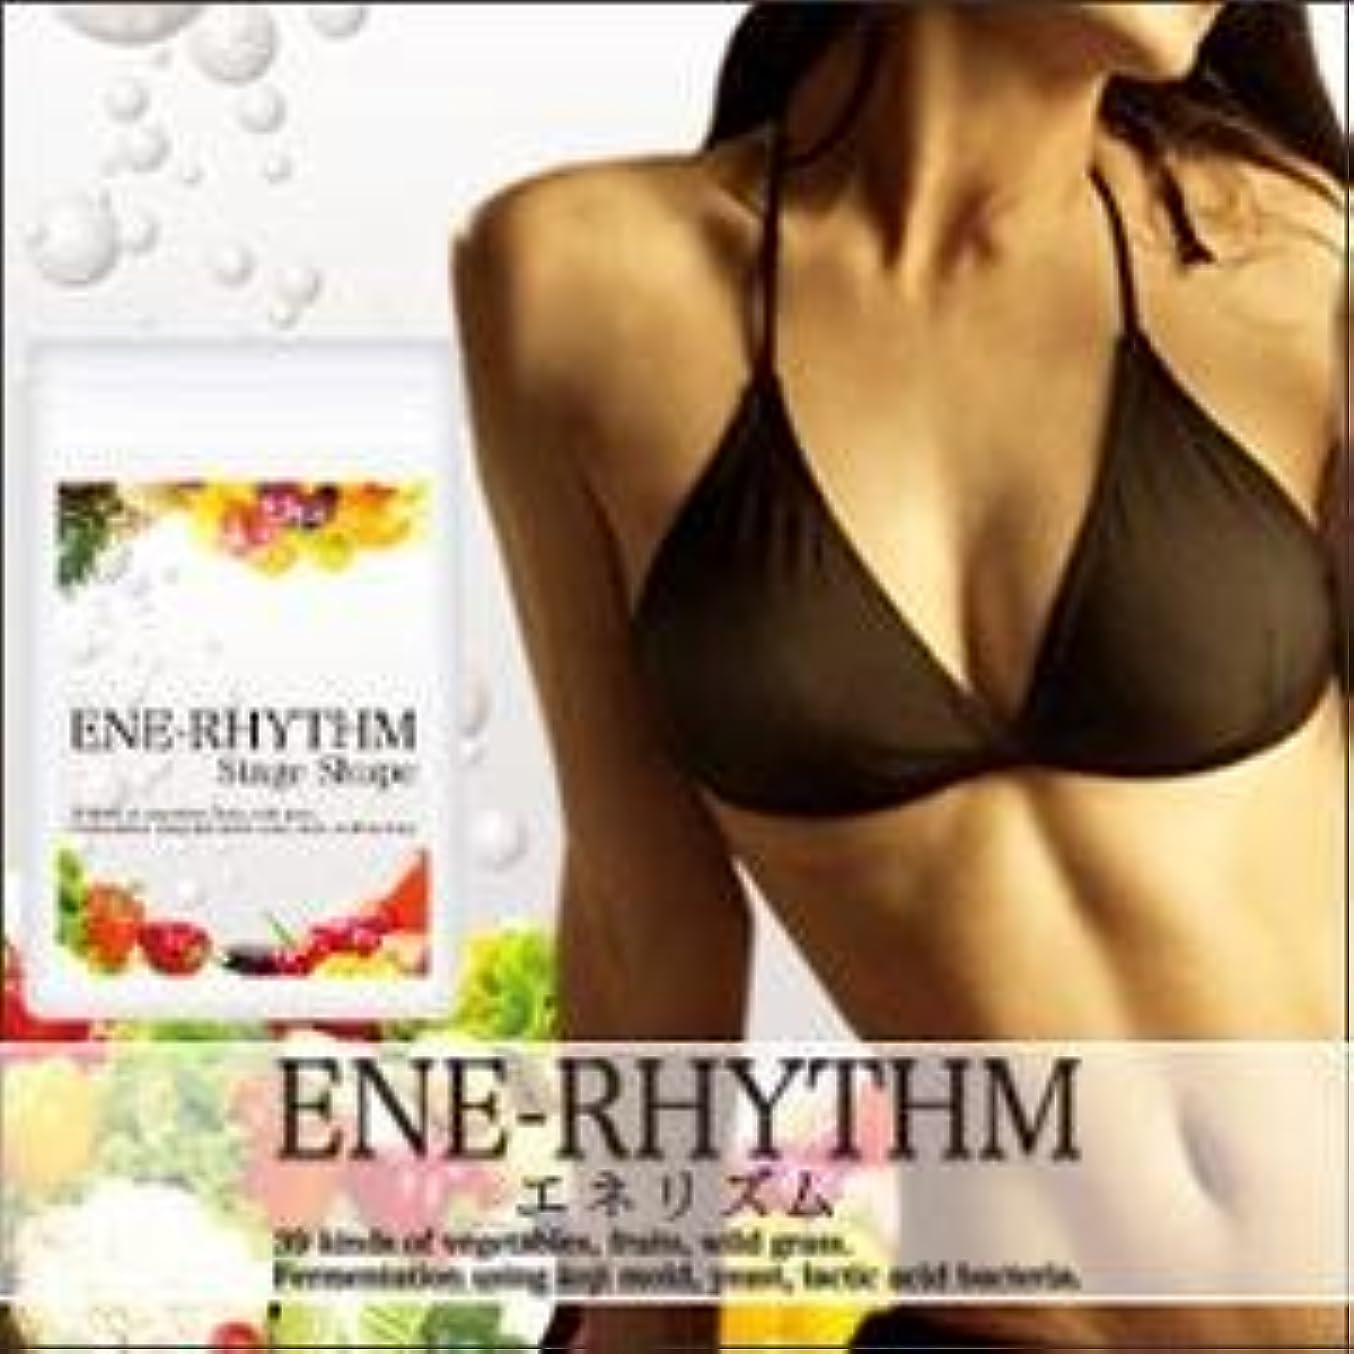 正当な手術選択するエネリズム -ENE RHYTHM-(3個)